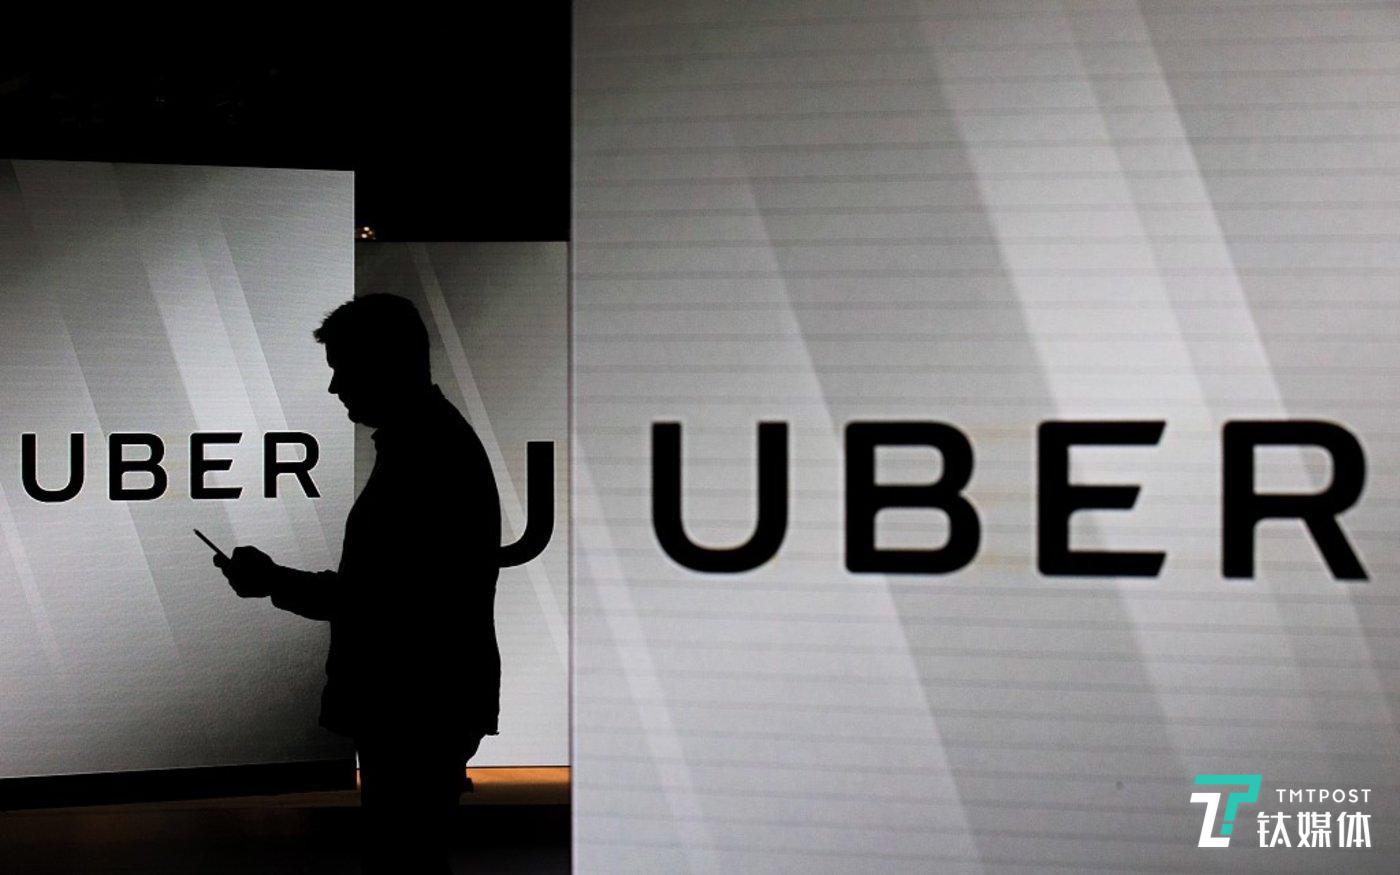 【钛晨报】Uber宣布裁减435名产品和工程员工;苹果发布iPhone 11系列;WeWork不顾软银反对或将启动IPO路演